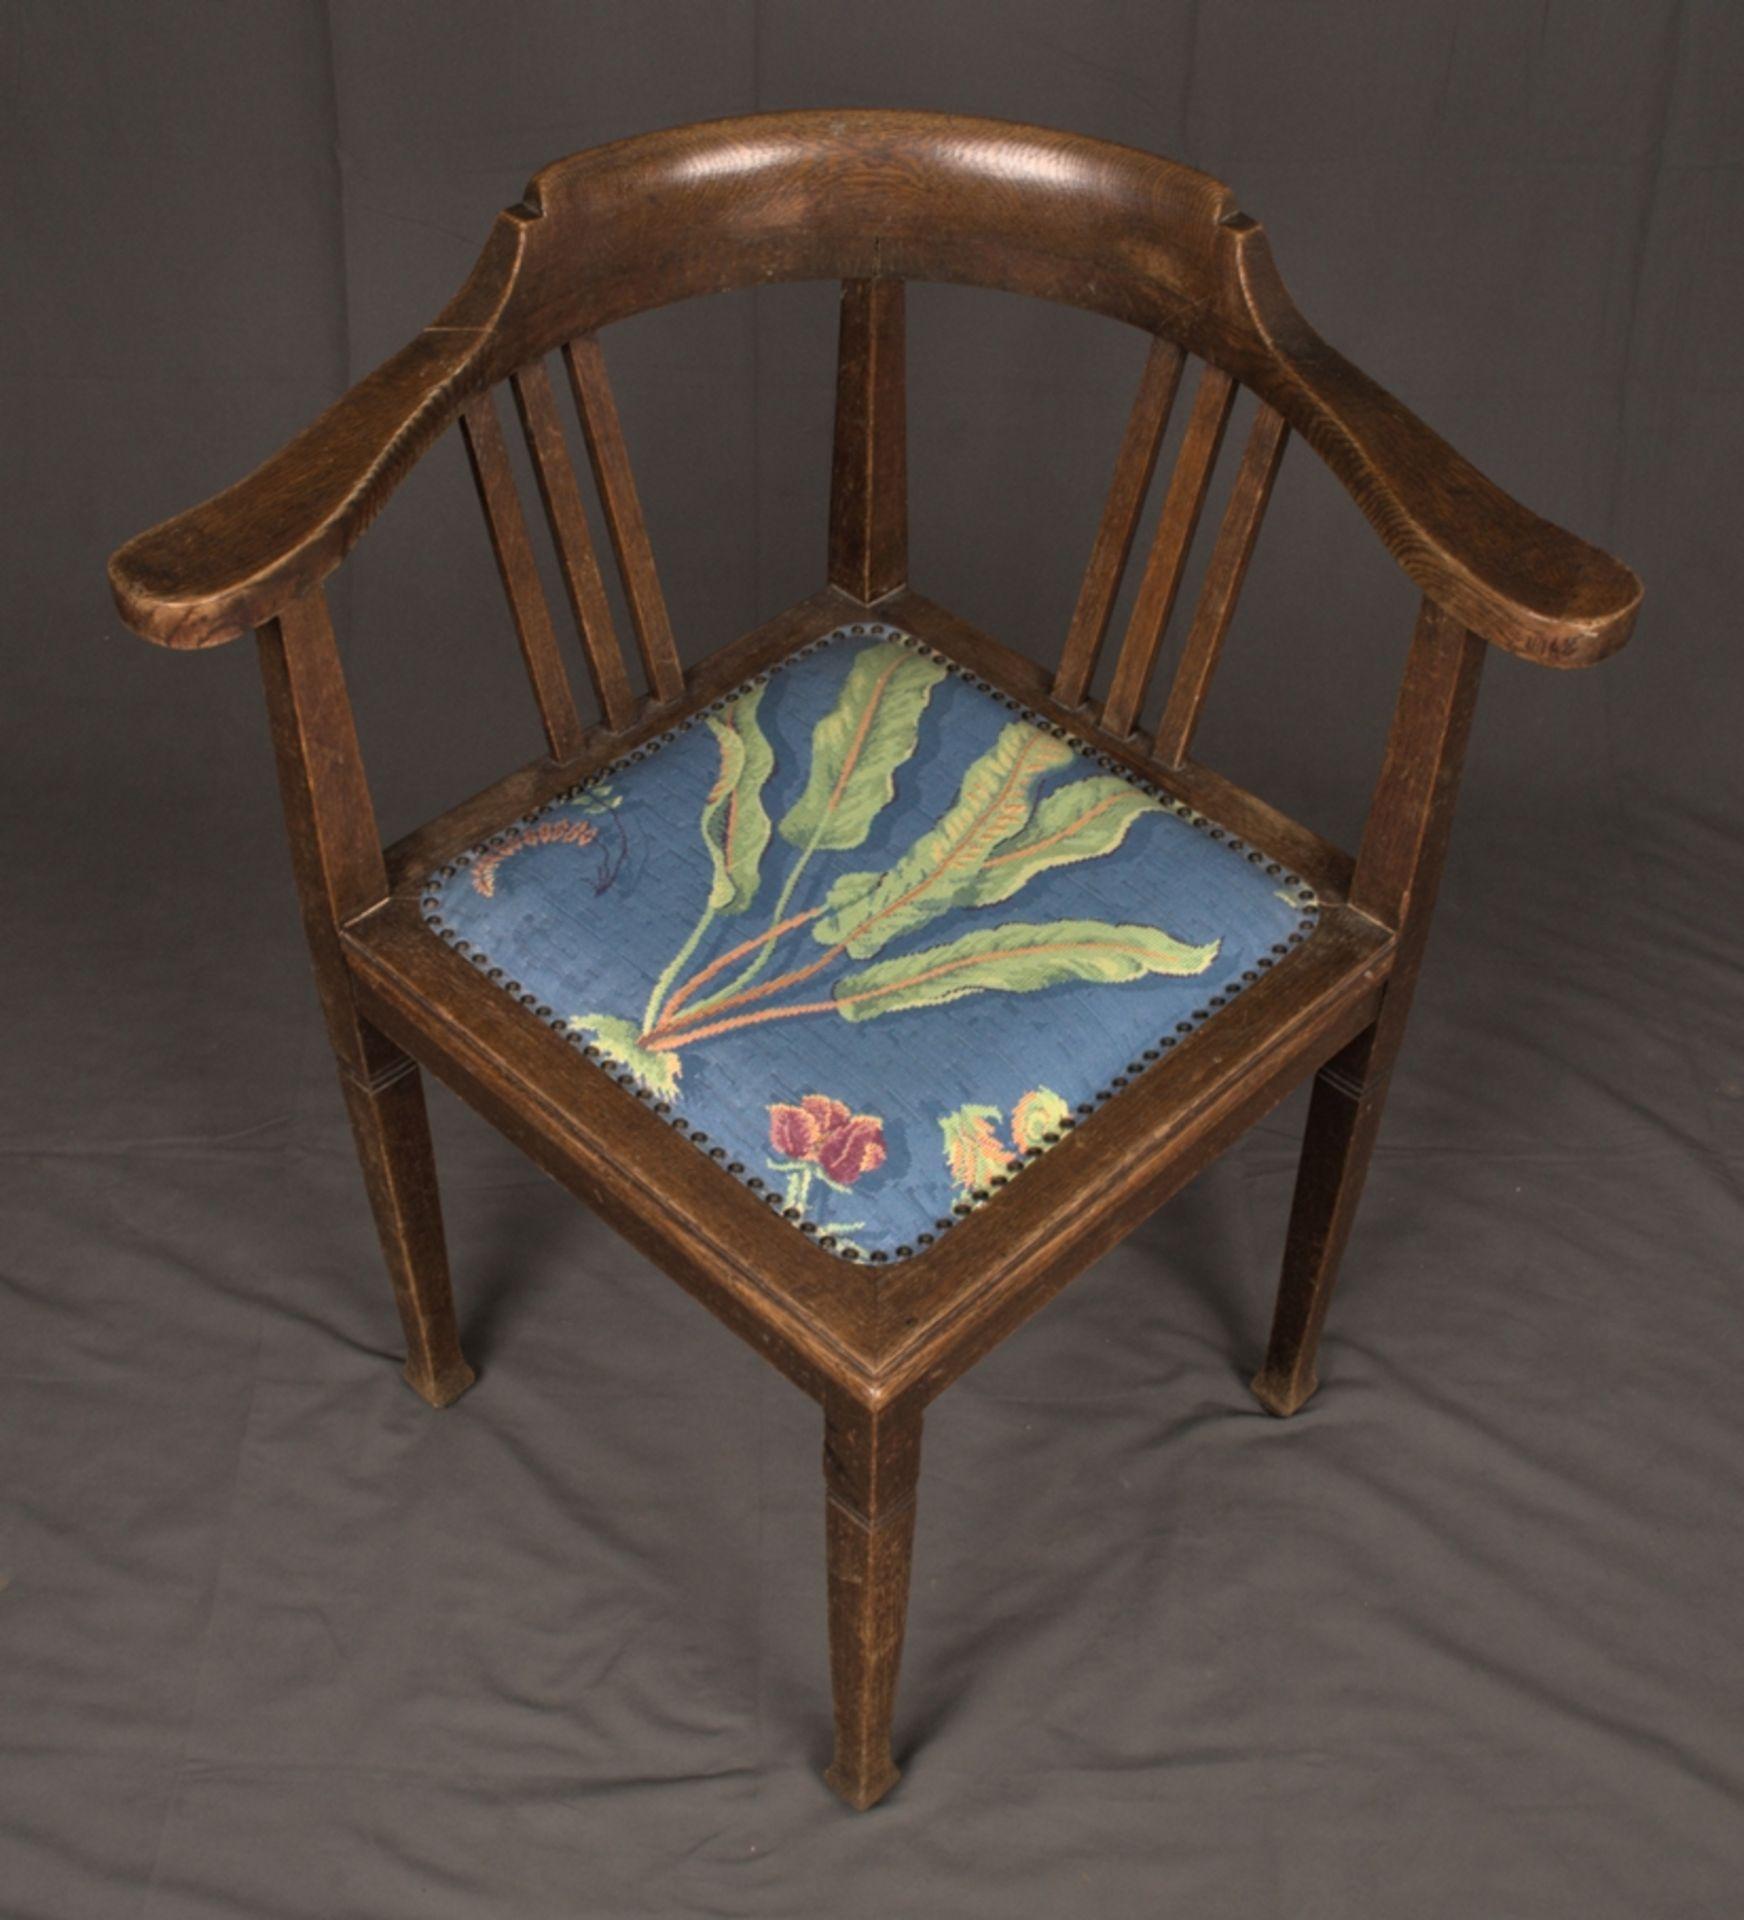 Schreibtischstuhl, Jugendstil deutsch um 1900/20. Eiche massiv, Gestell zu verleimen/unrestaurierter - Bild 4 aus 8